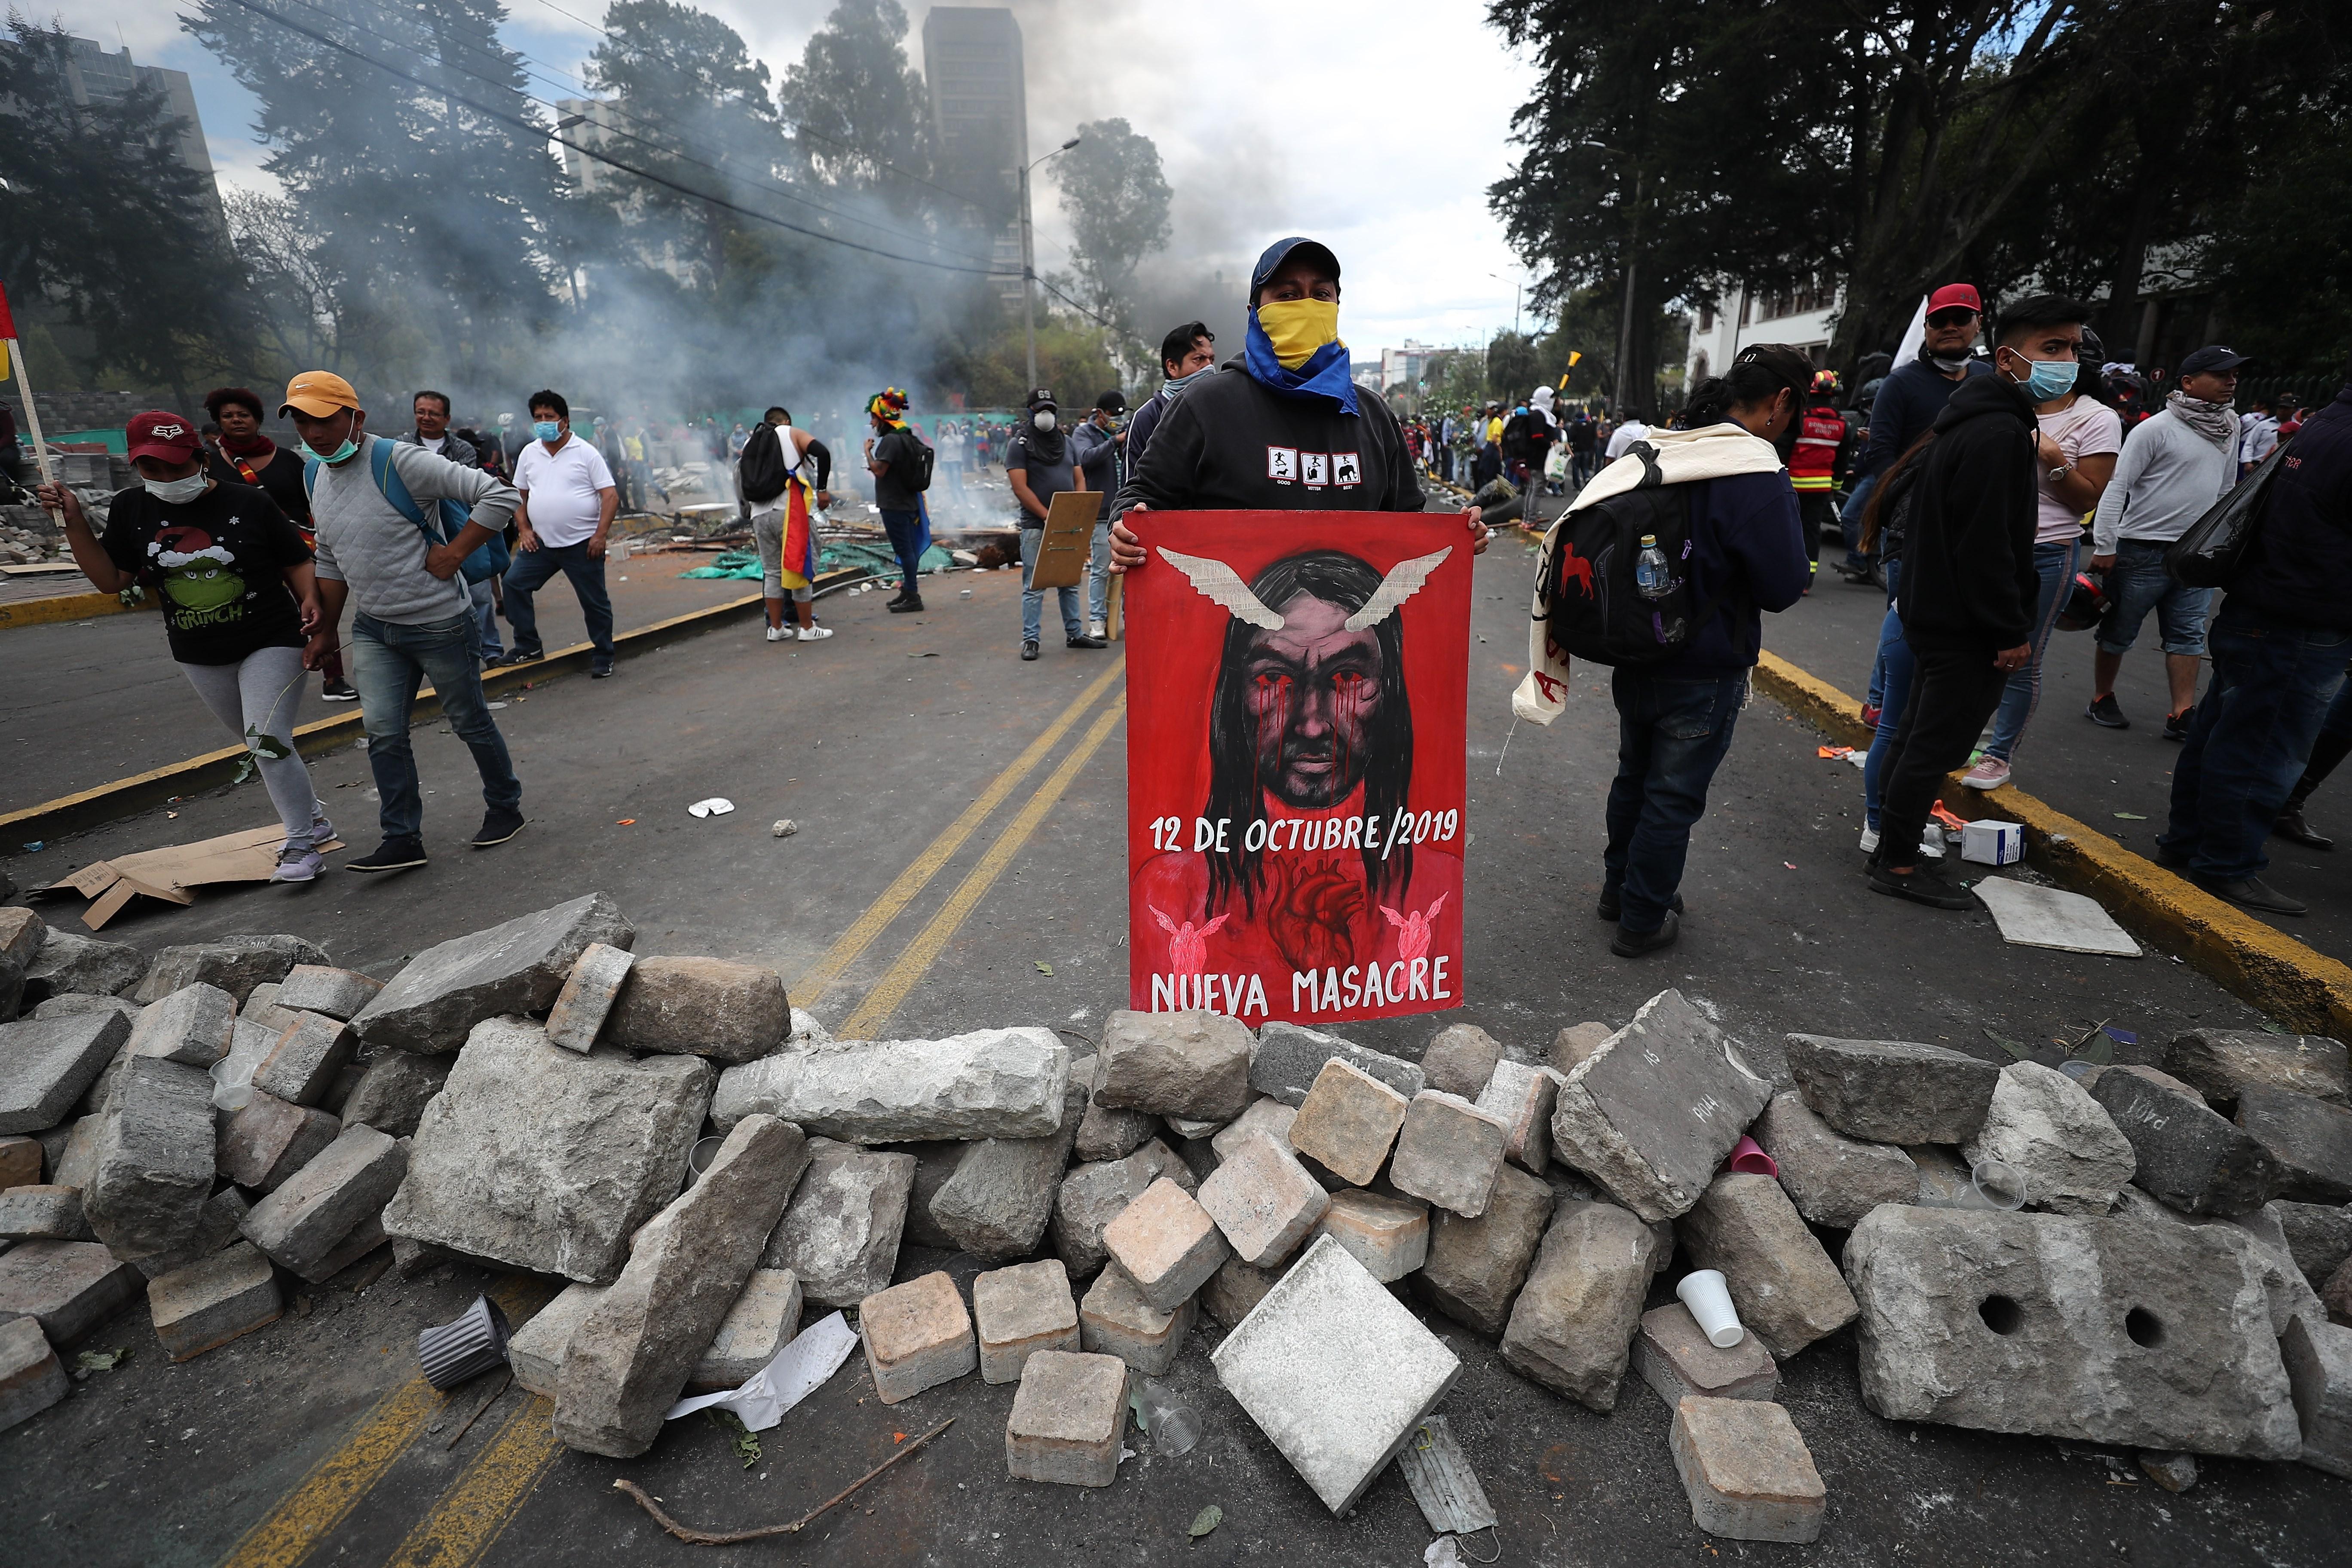 El acuerdo con los indígenas lleva calma a Quito - Actualidad